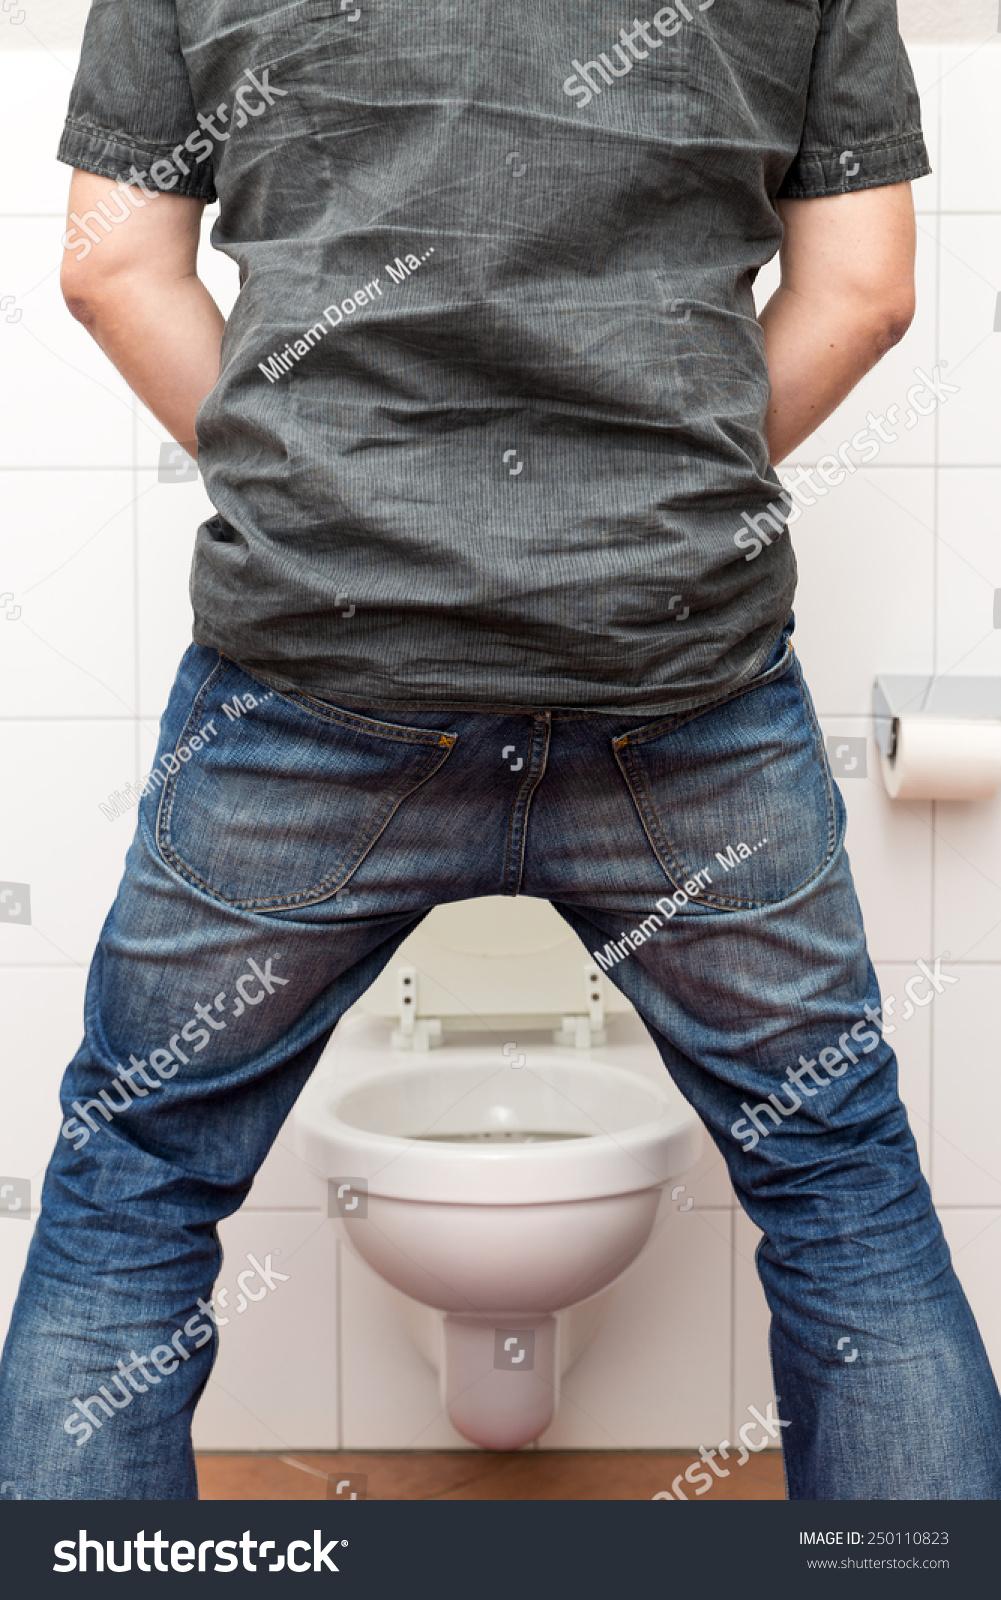 Man Peeing Standing Restroom Stock Photo 250110823 Shutterstock. Design A Bathroom Vanity